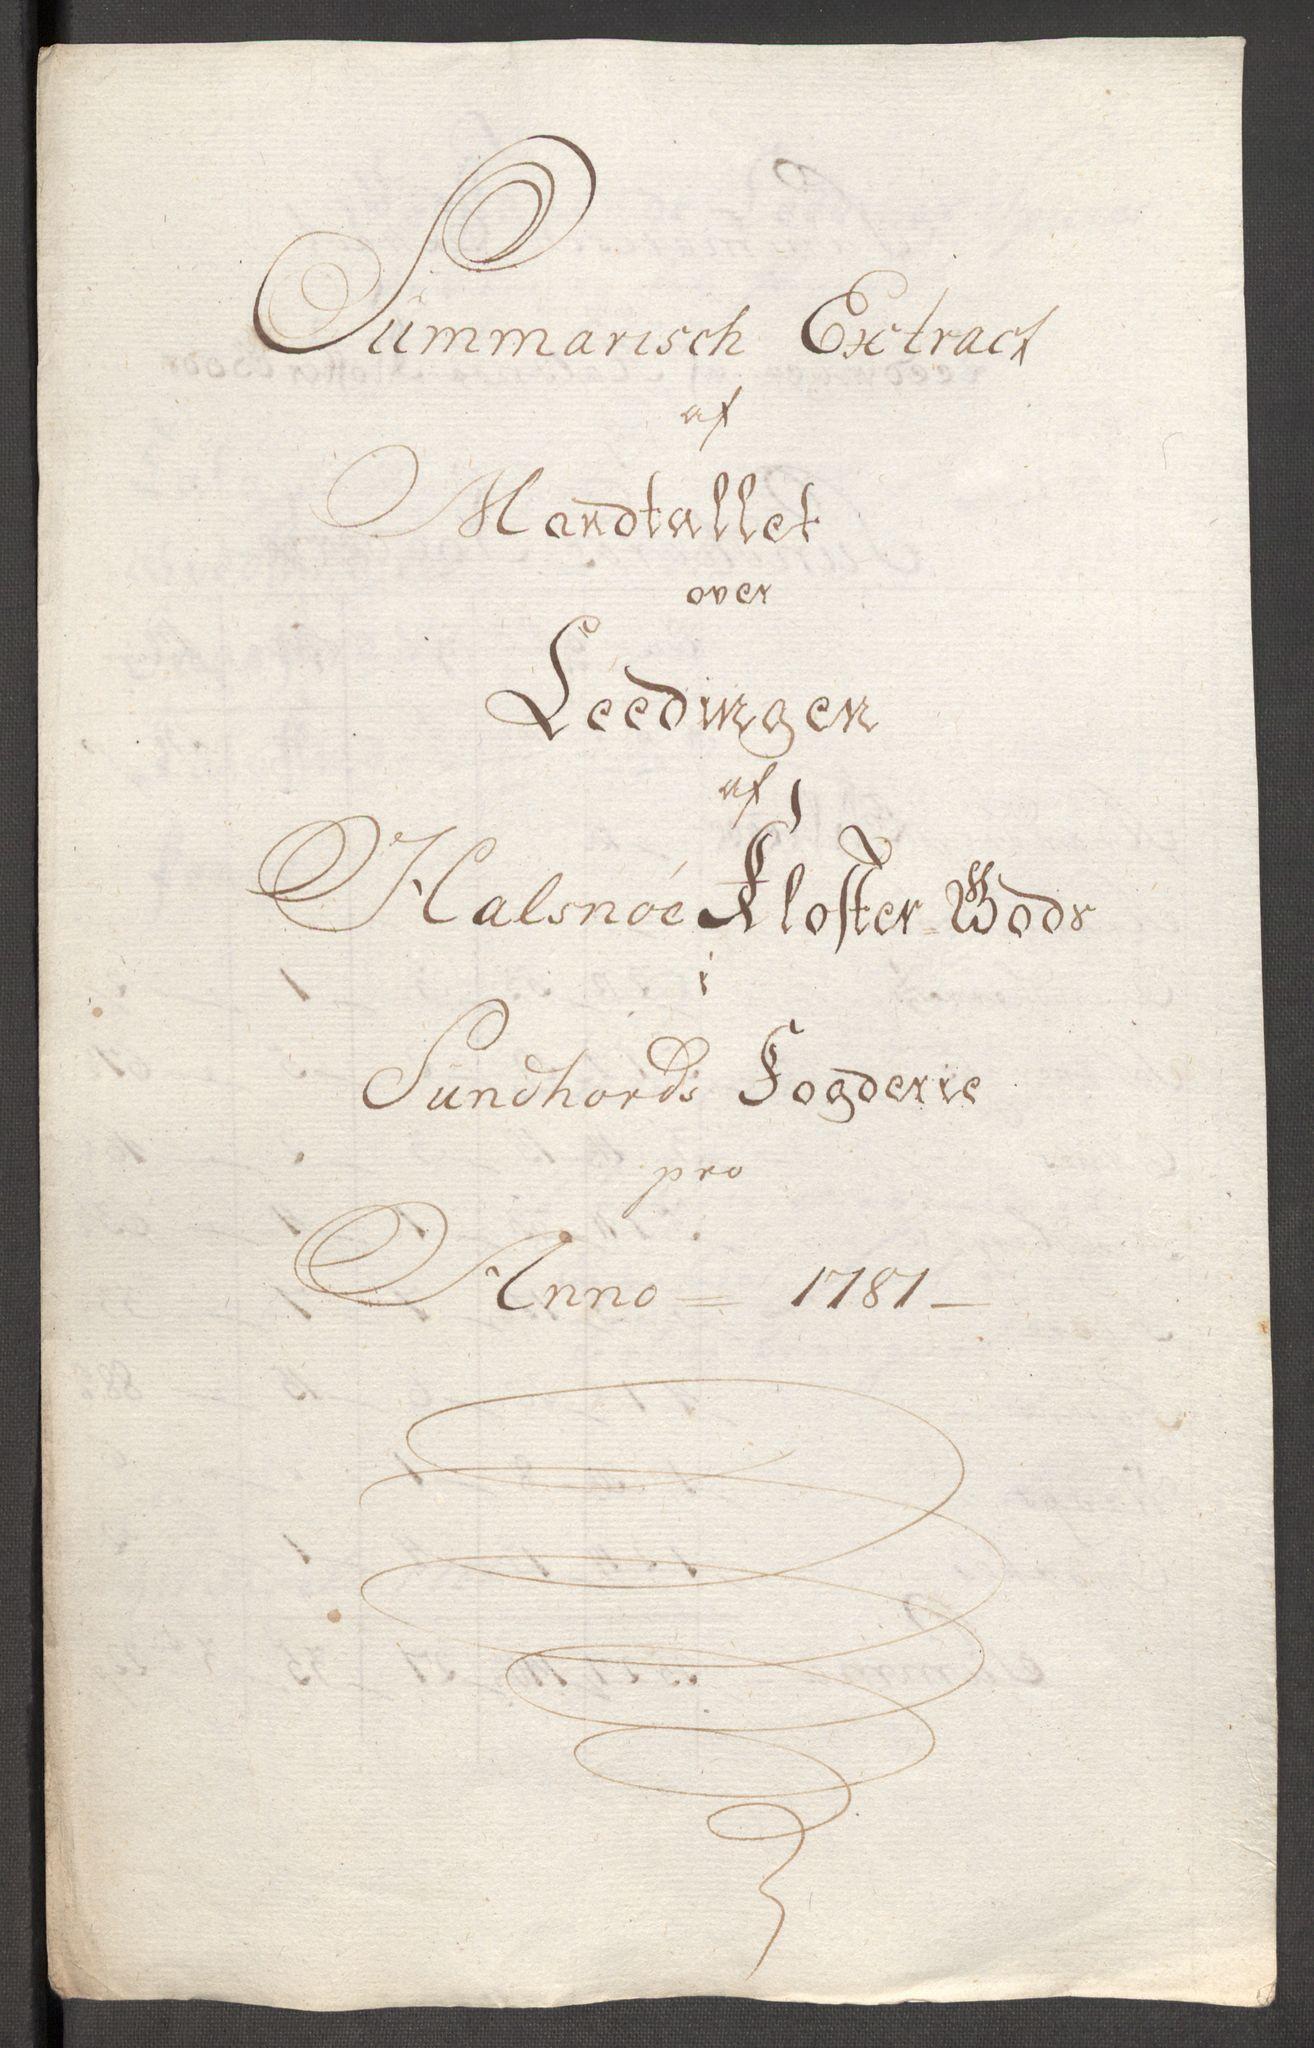 RA, Rentekammeret inntil 1814, Reviderte regnskaper, Fogderegnskap, R48/L3097: Fogderegnskap Sunnhordland og Hardanger, 1781, s. 273